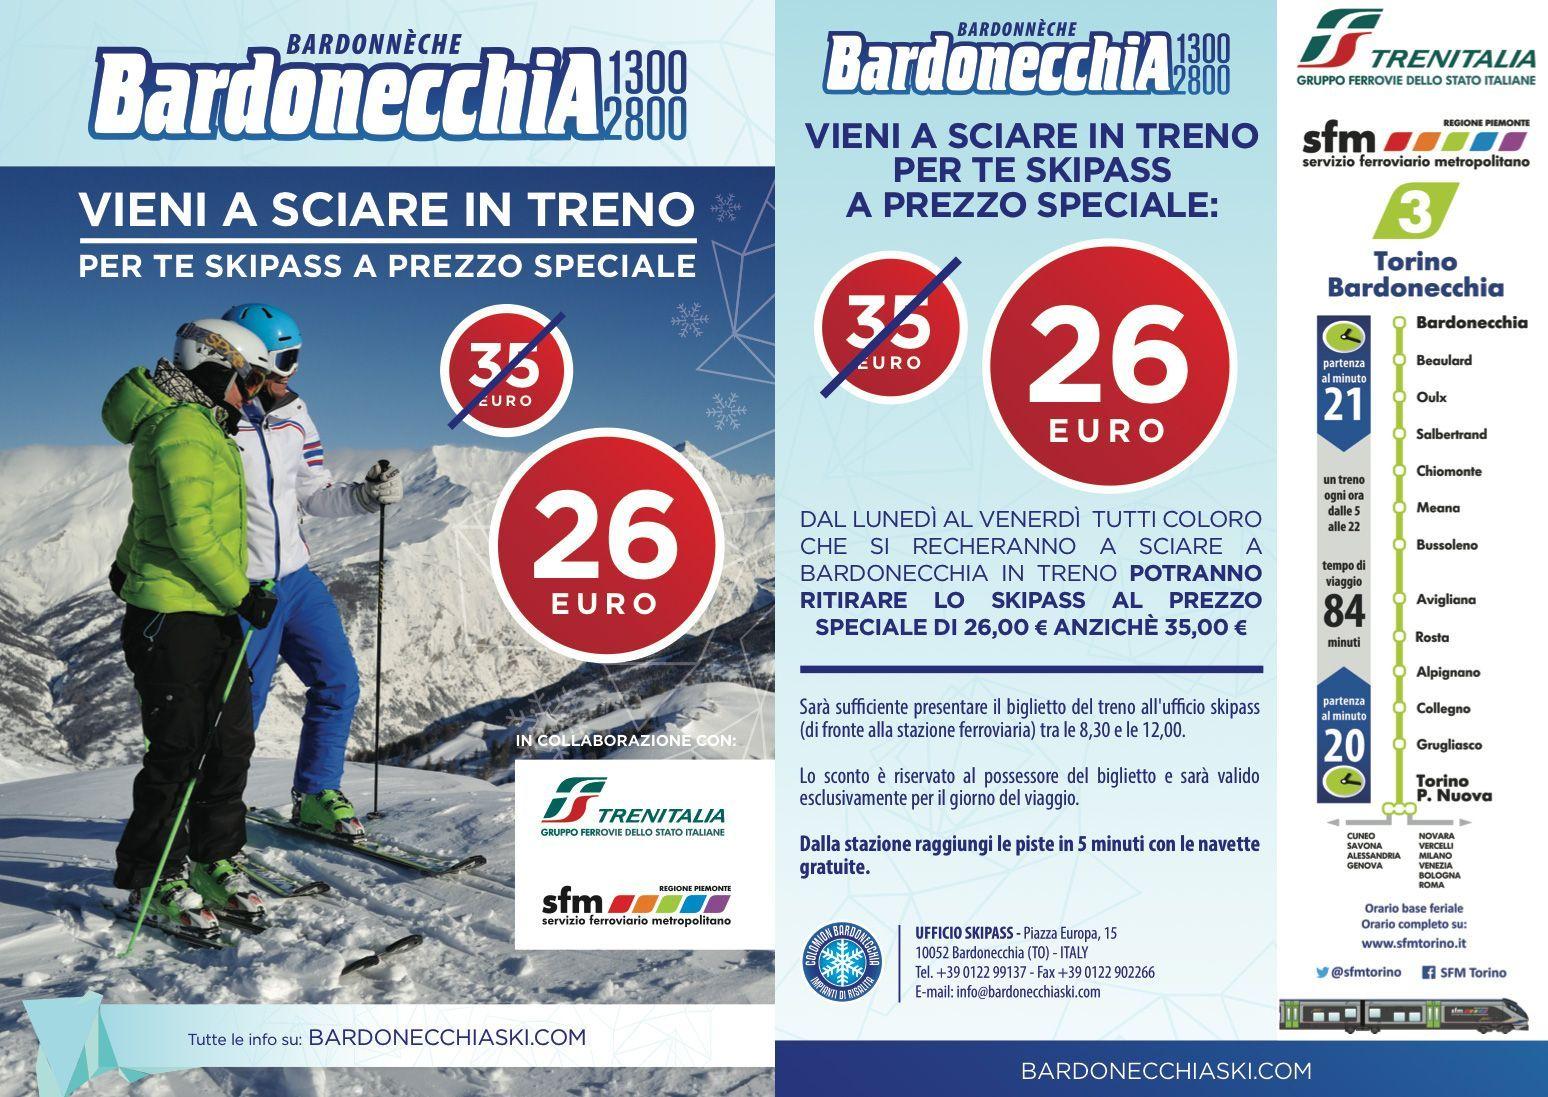 Se usi il treno sciare a Bardonecchia costa meno